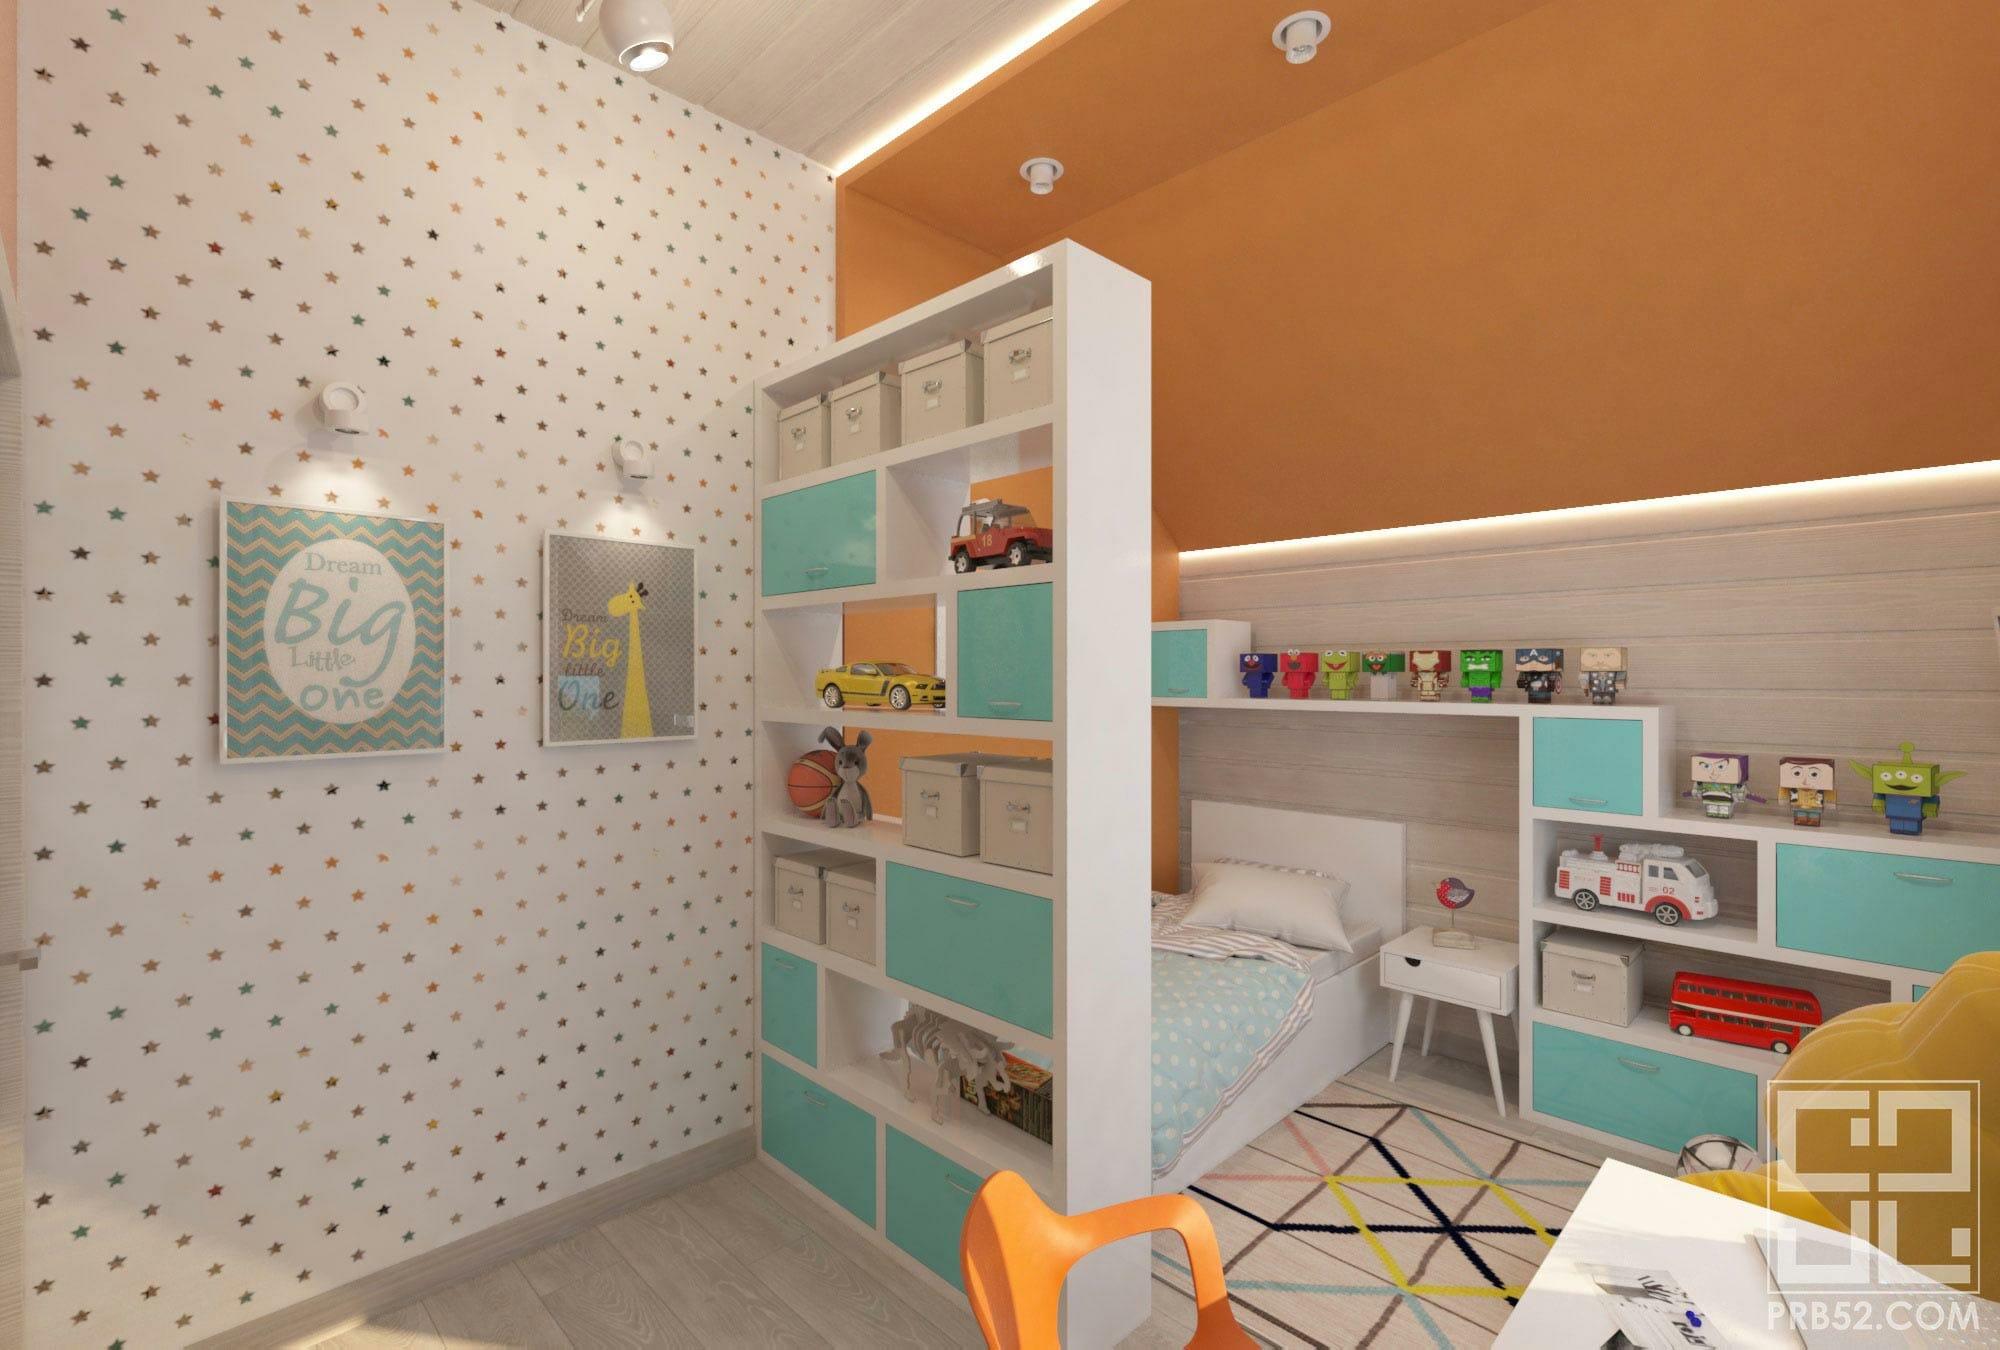 дизайн интерьера яркой детской комнаты